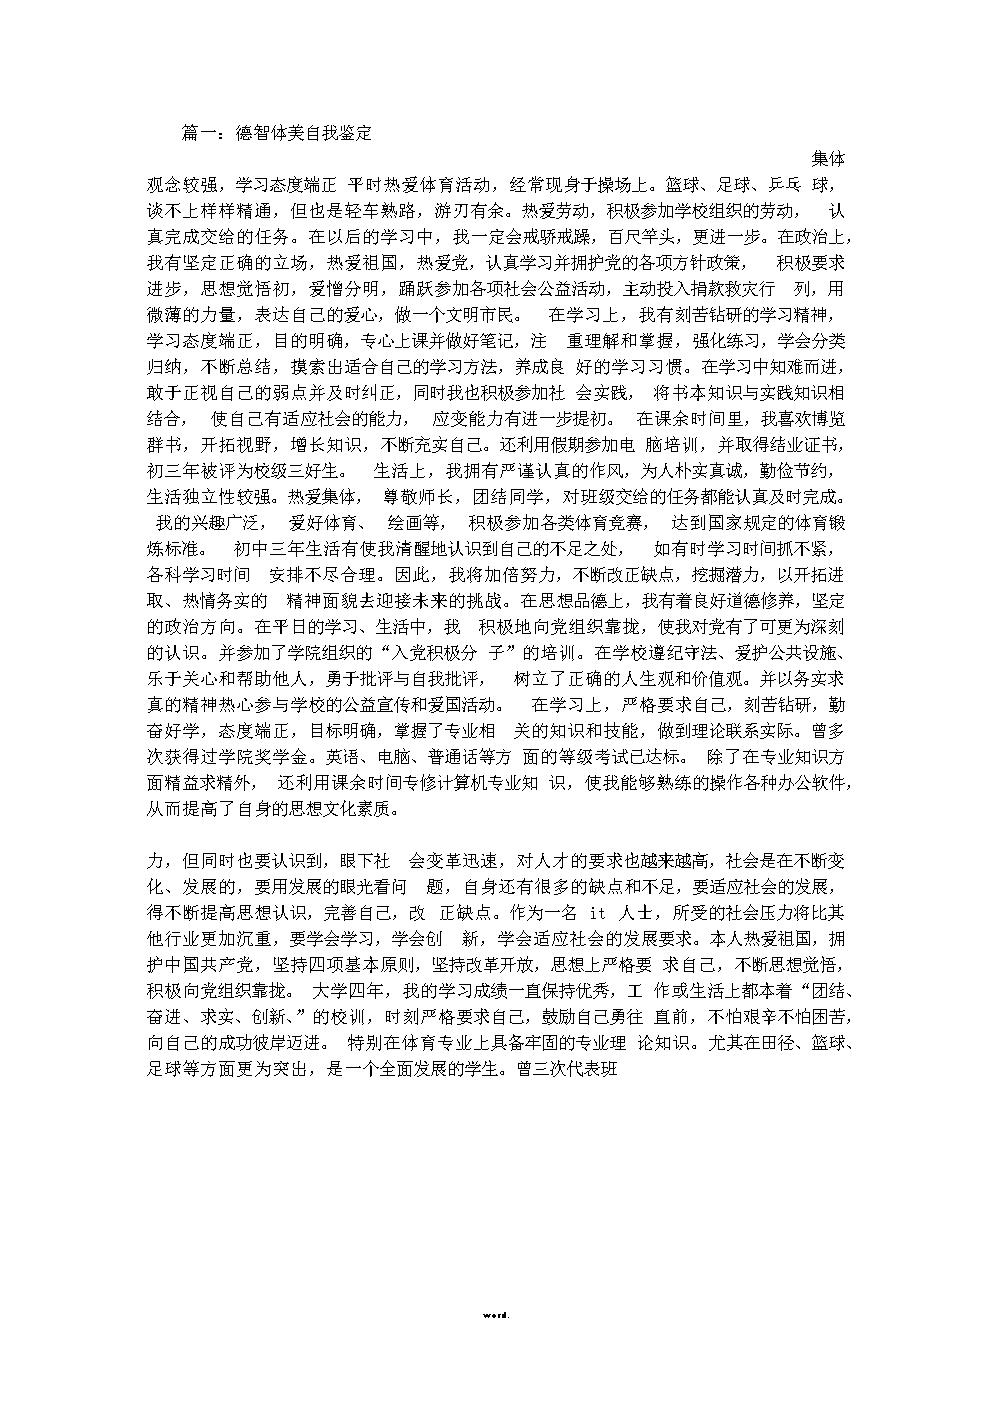 德智体美劳自我鉴定(新、选).doc